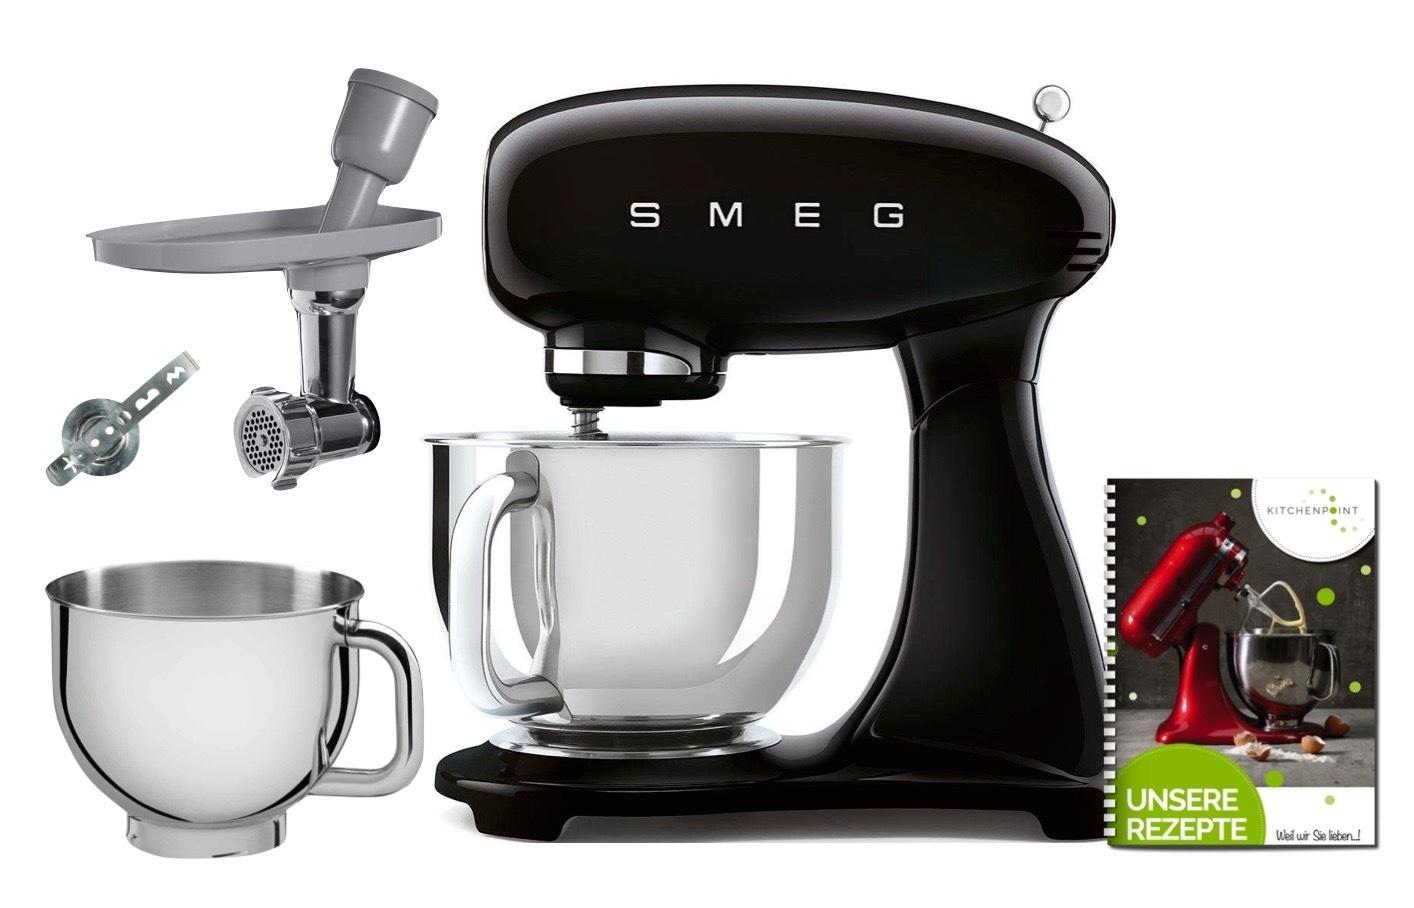 SMEG Küchenmaschine SMF03 Vollfarbe - Back Mega Set Schwarz